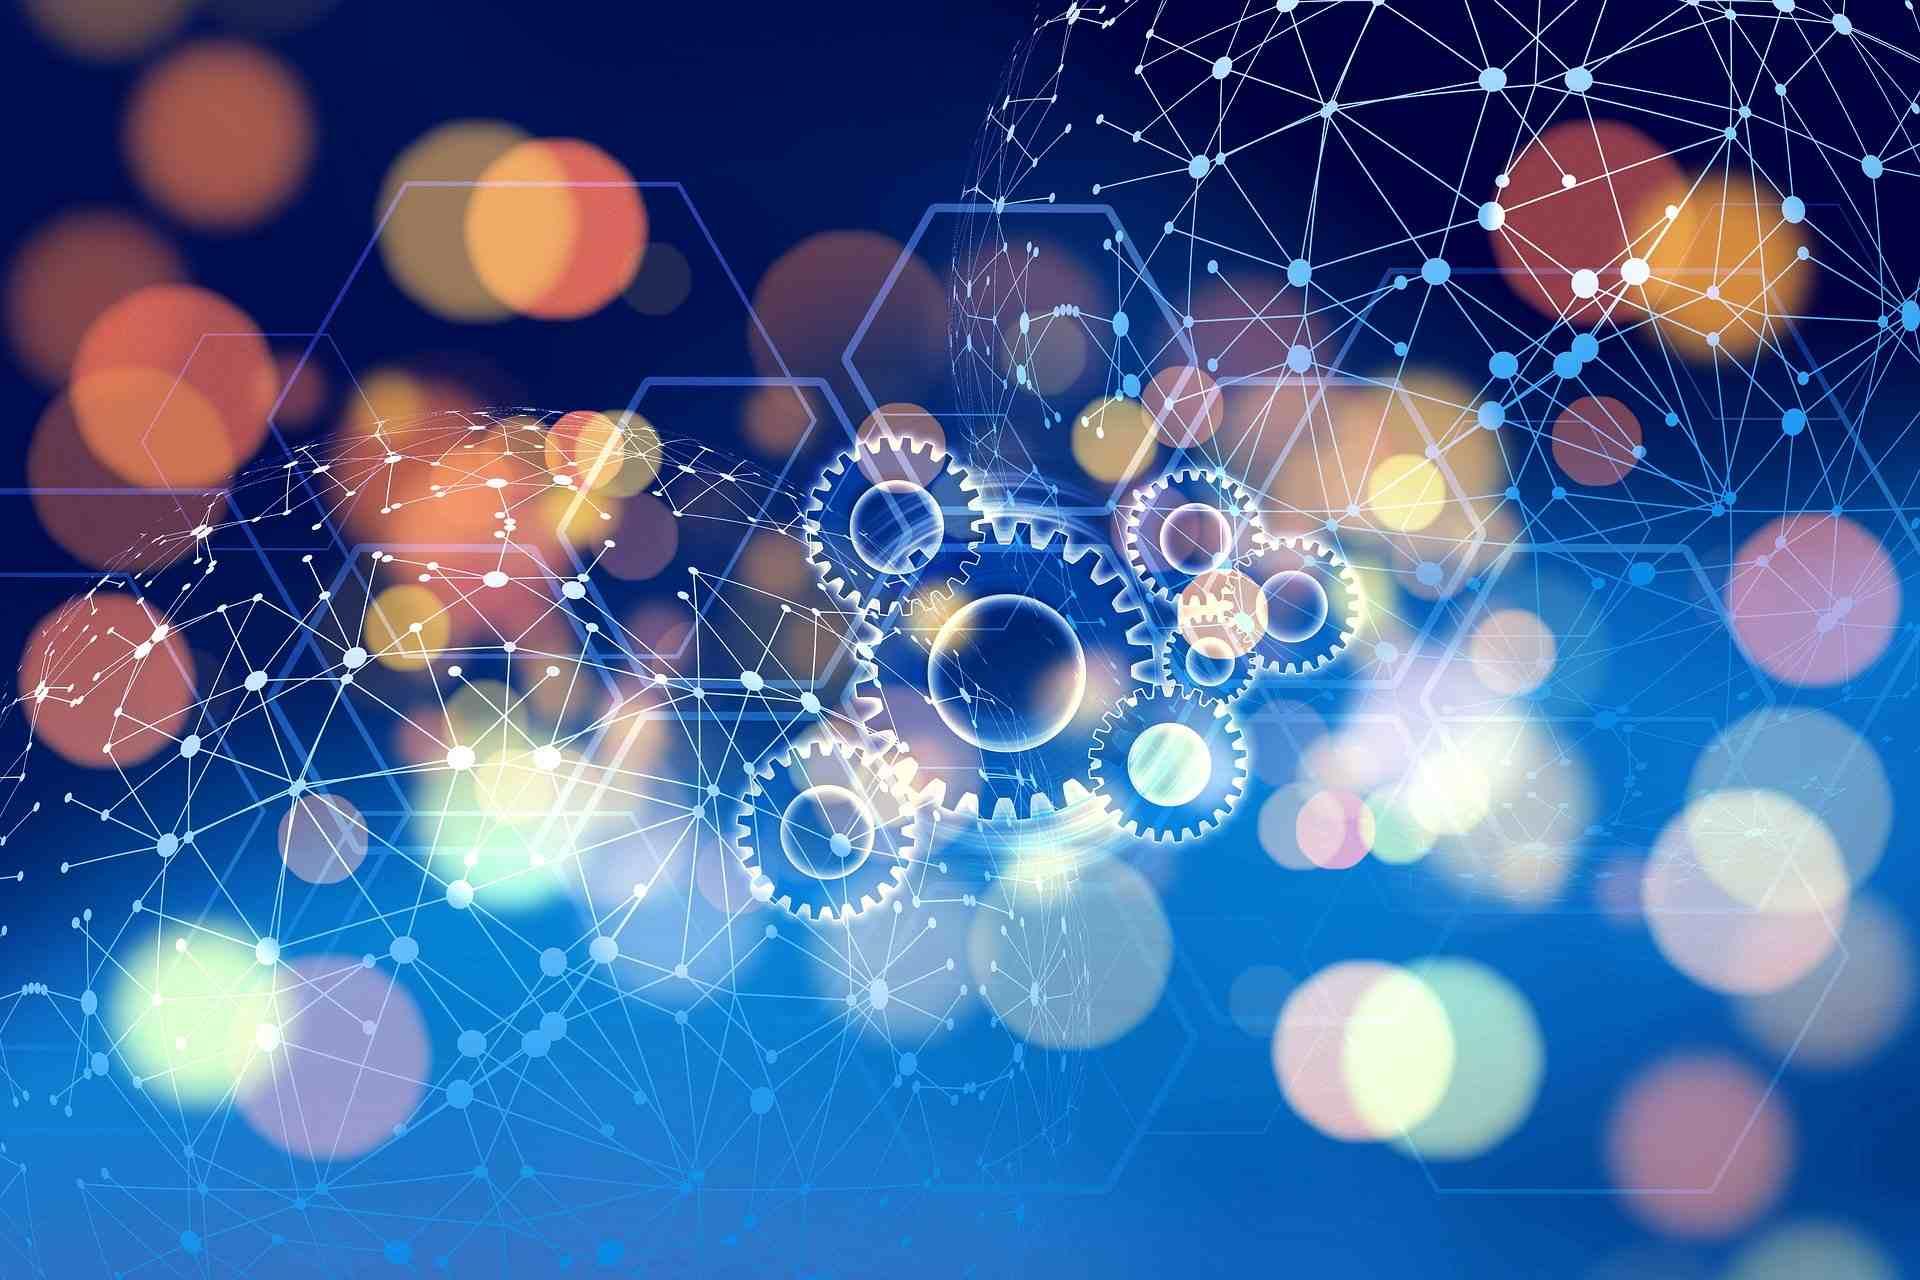 Disrupção digital: 7 Segmentos do mercado que estão em plena transformação digital.